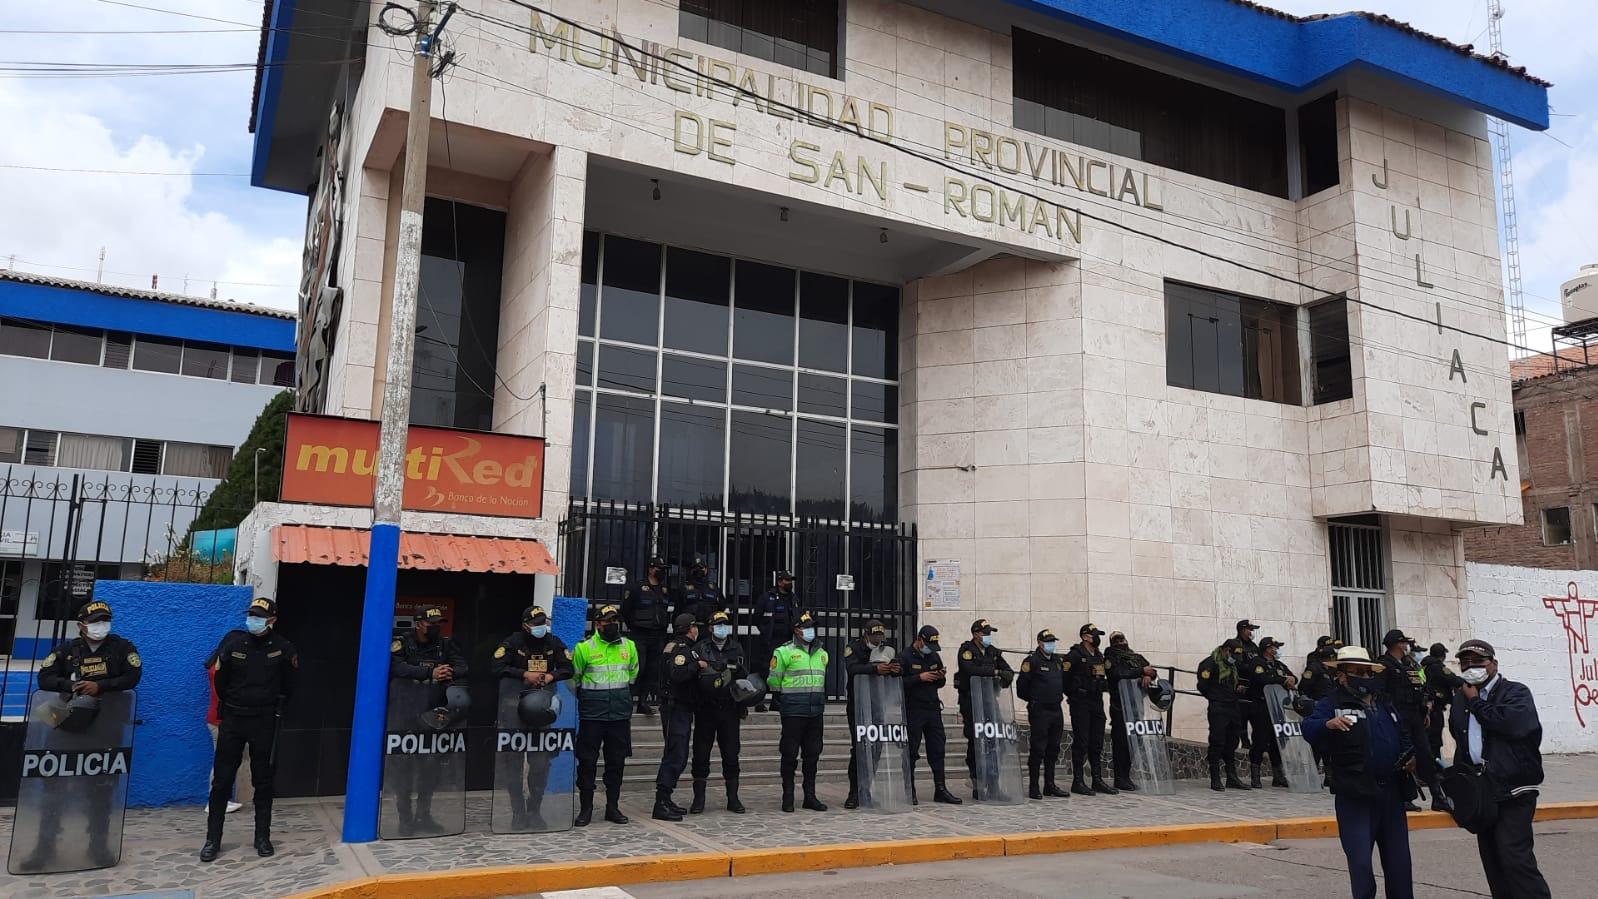 Municipalidad Provincial de San Román permaneció custodiada por efectivos policiales.